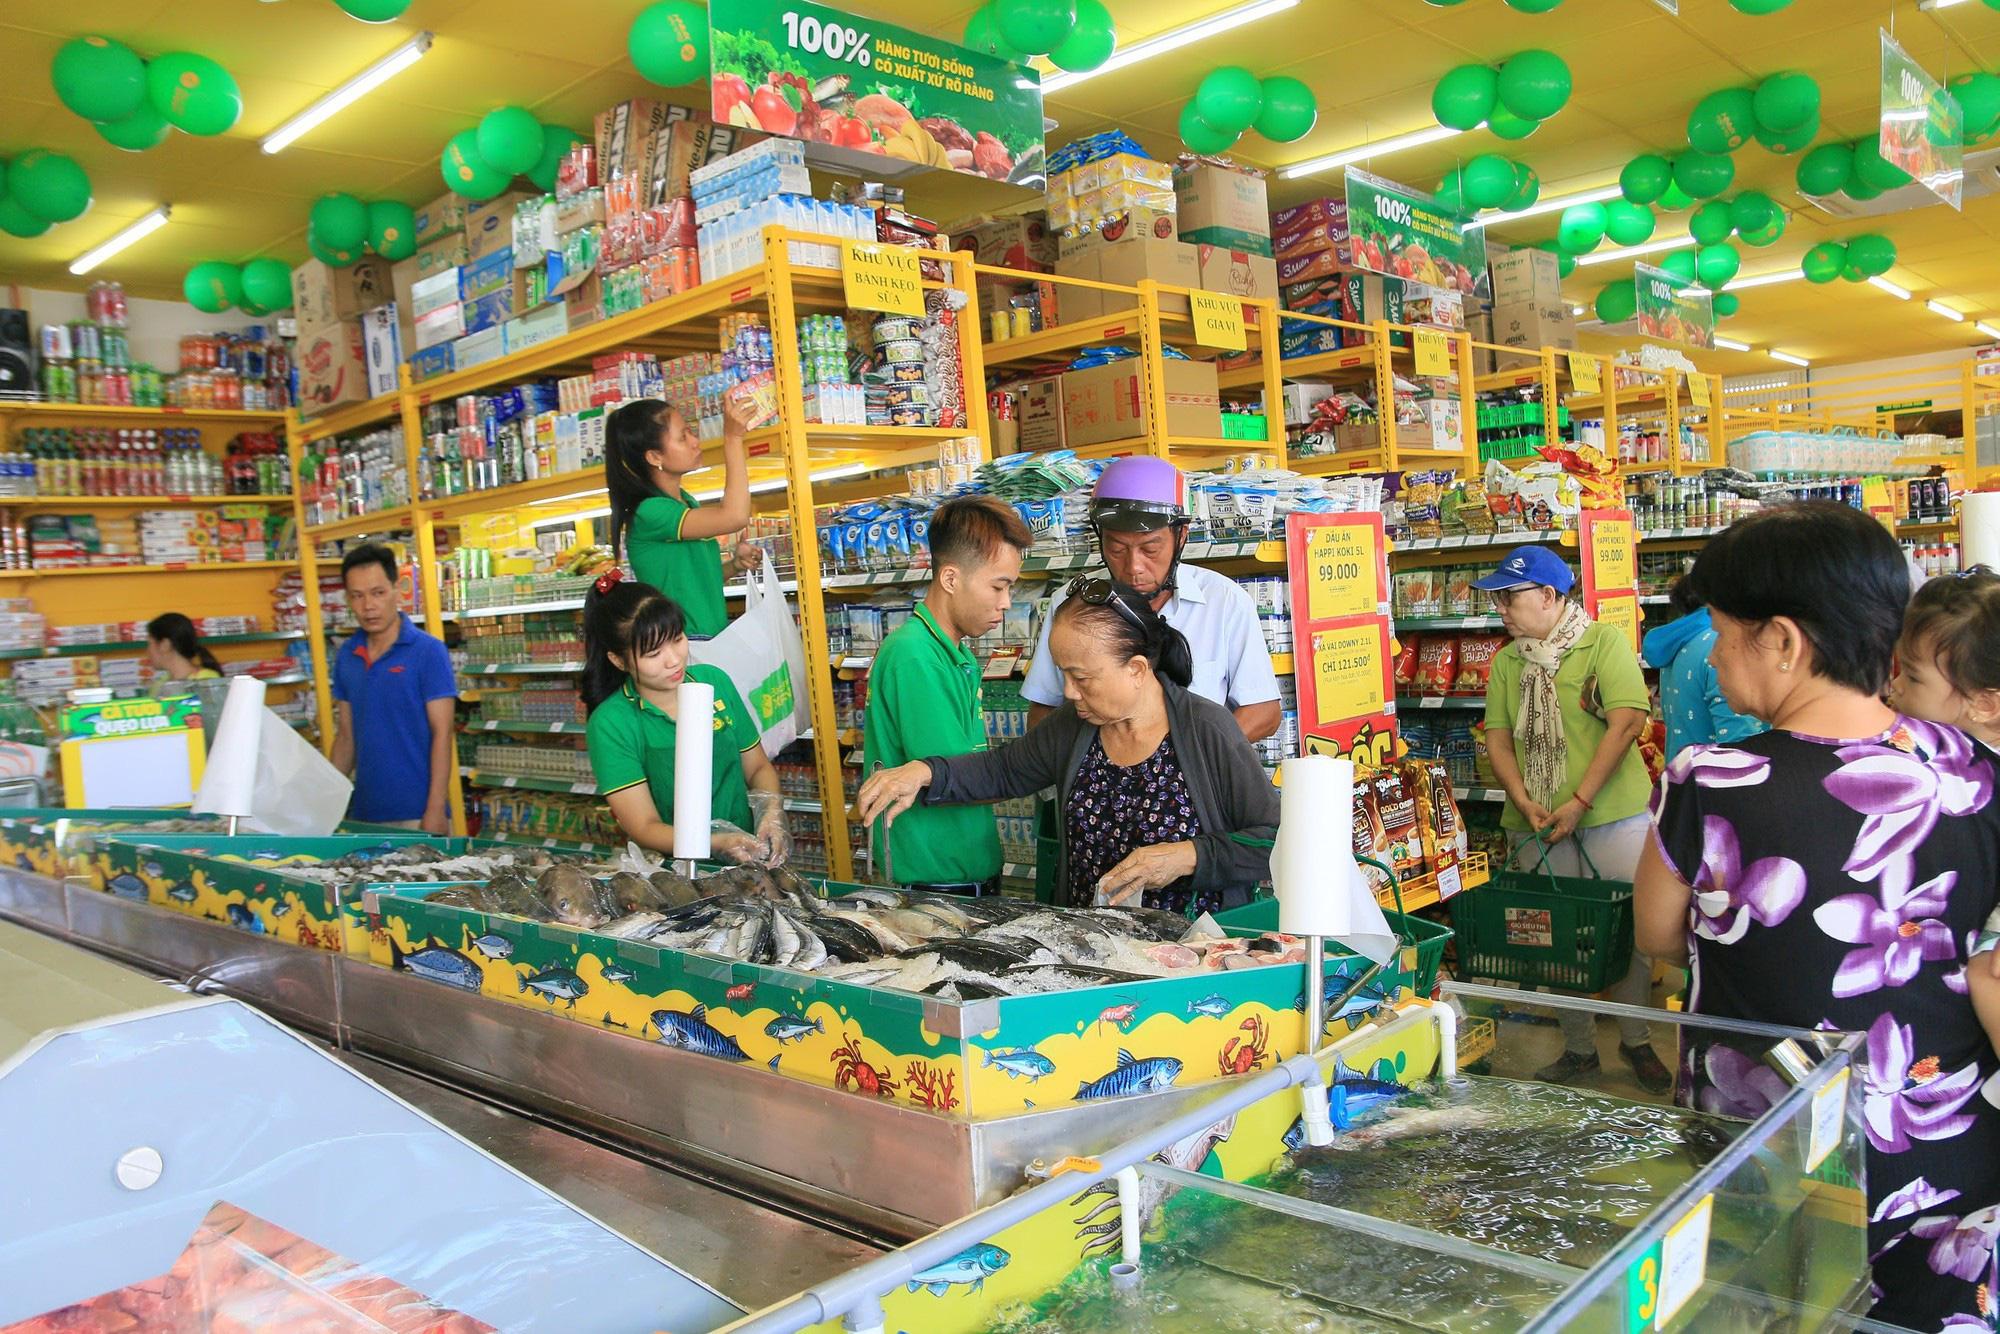 """Năm 2021 """"không ngon lành"""", đại gia Nam Định không lo ngại nhà bán lẻ số 1 bị thâu tóm - Ảnh 3."""